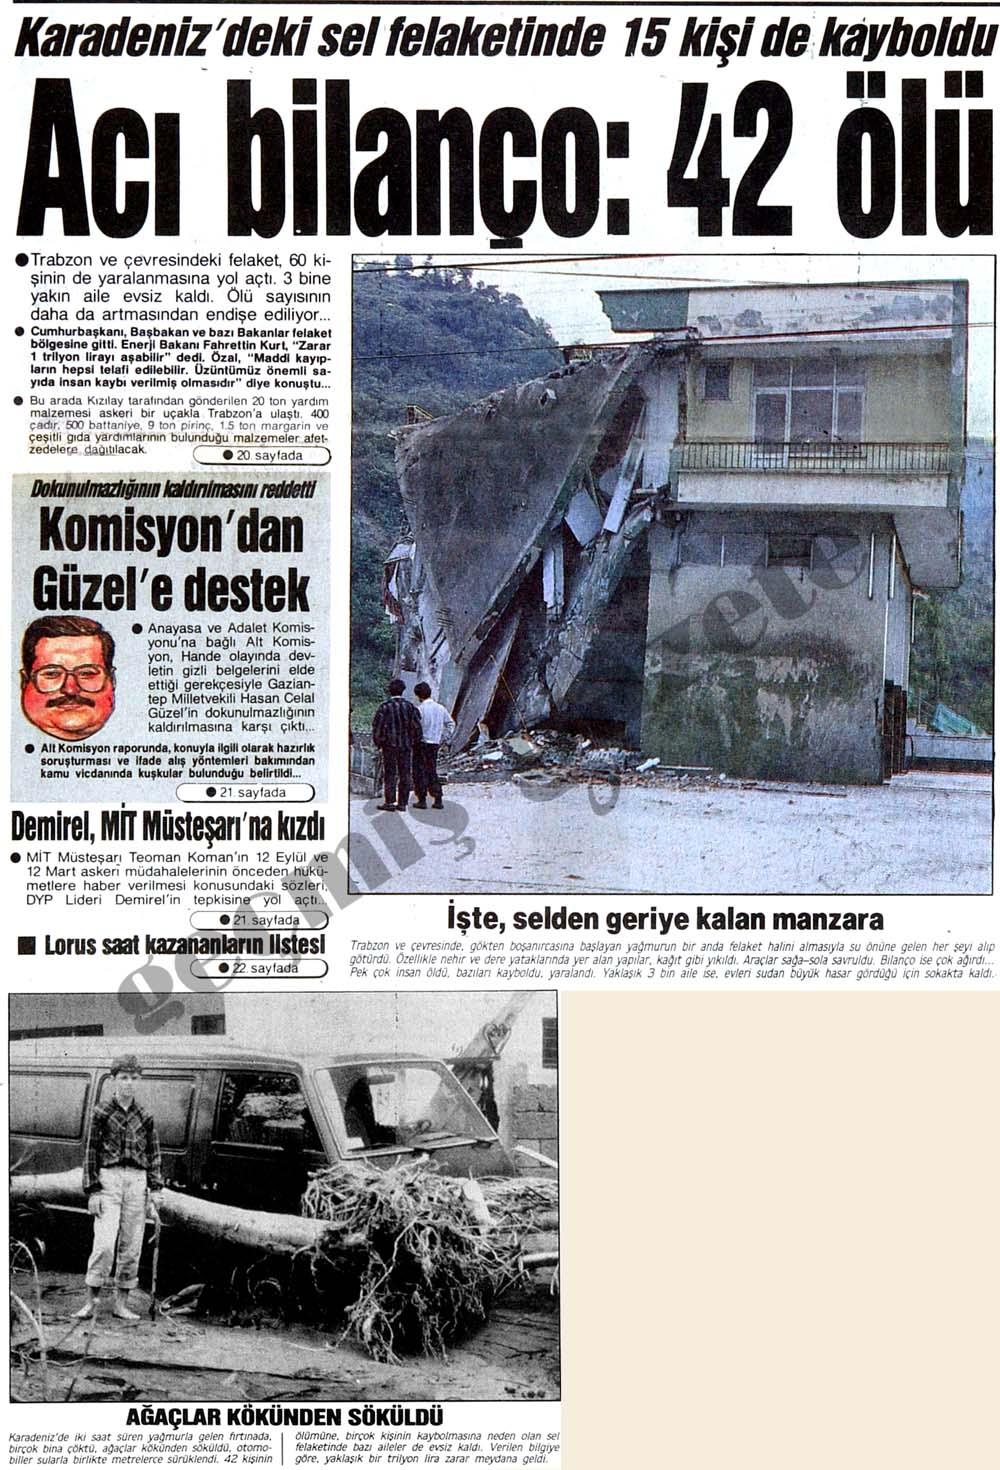 Karadeniz'deki sel felaketinde acı bilanço: 42 ölü